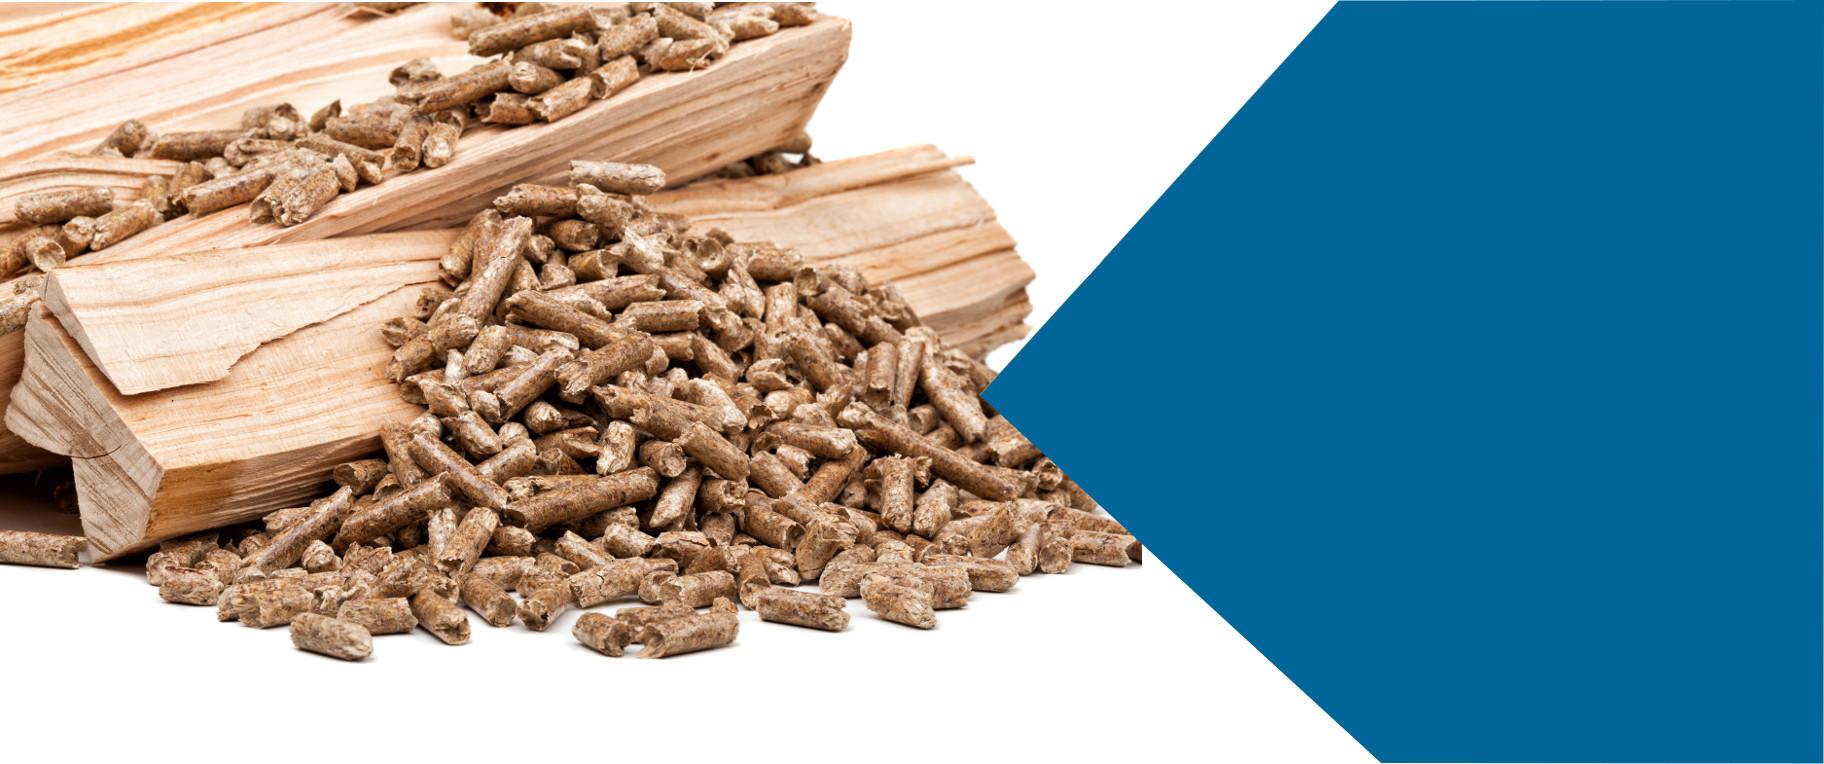 Biomasseheizung HDG Installationstechnik